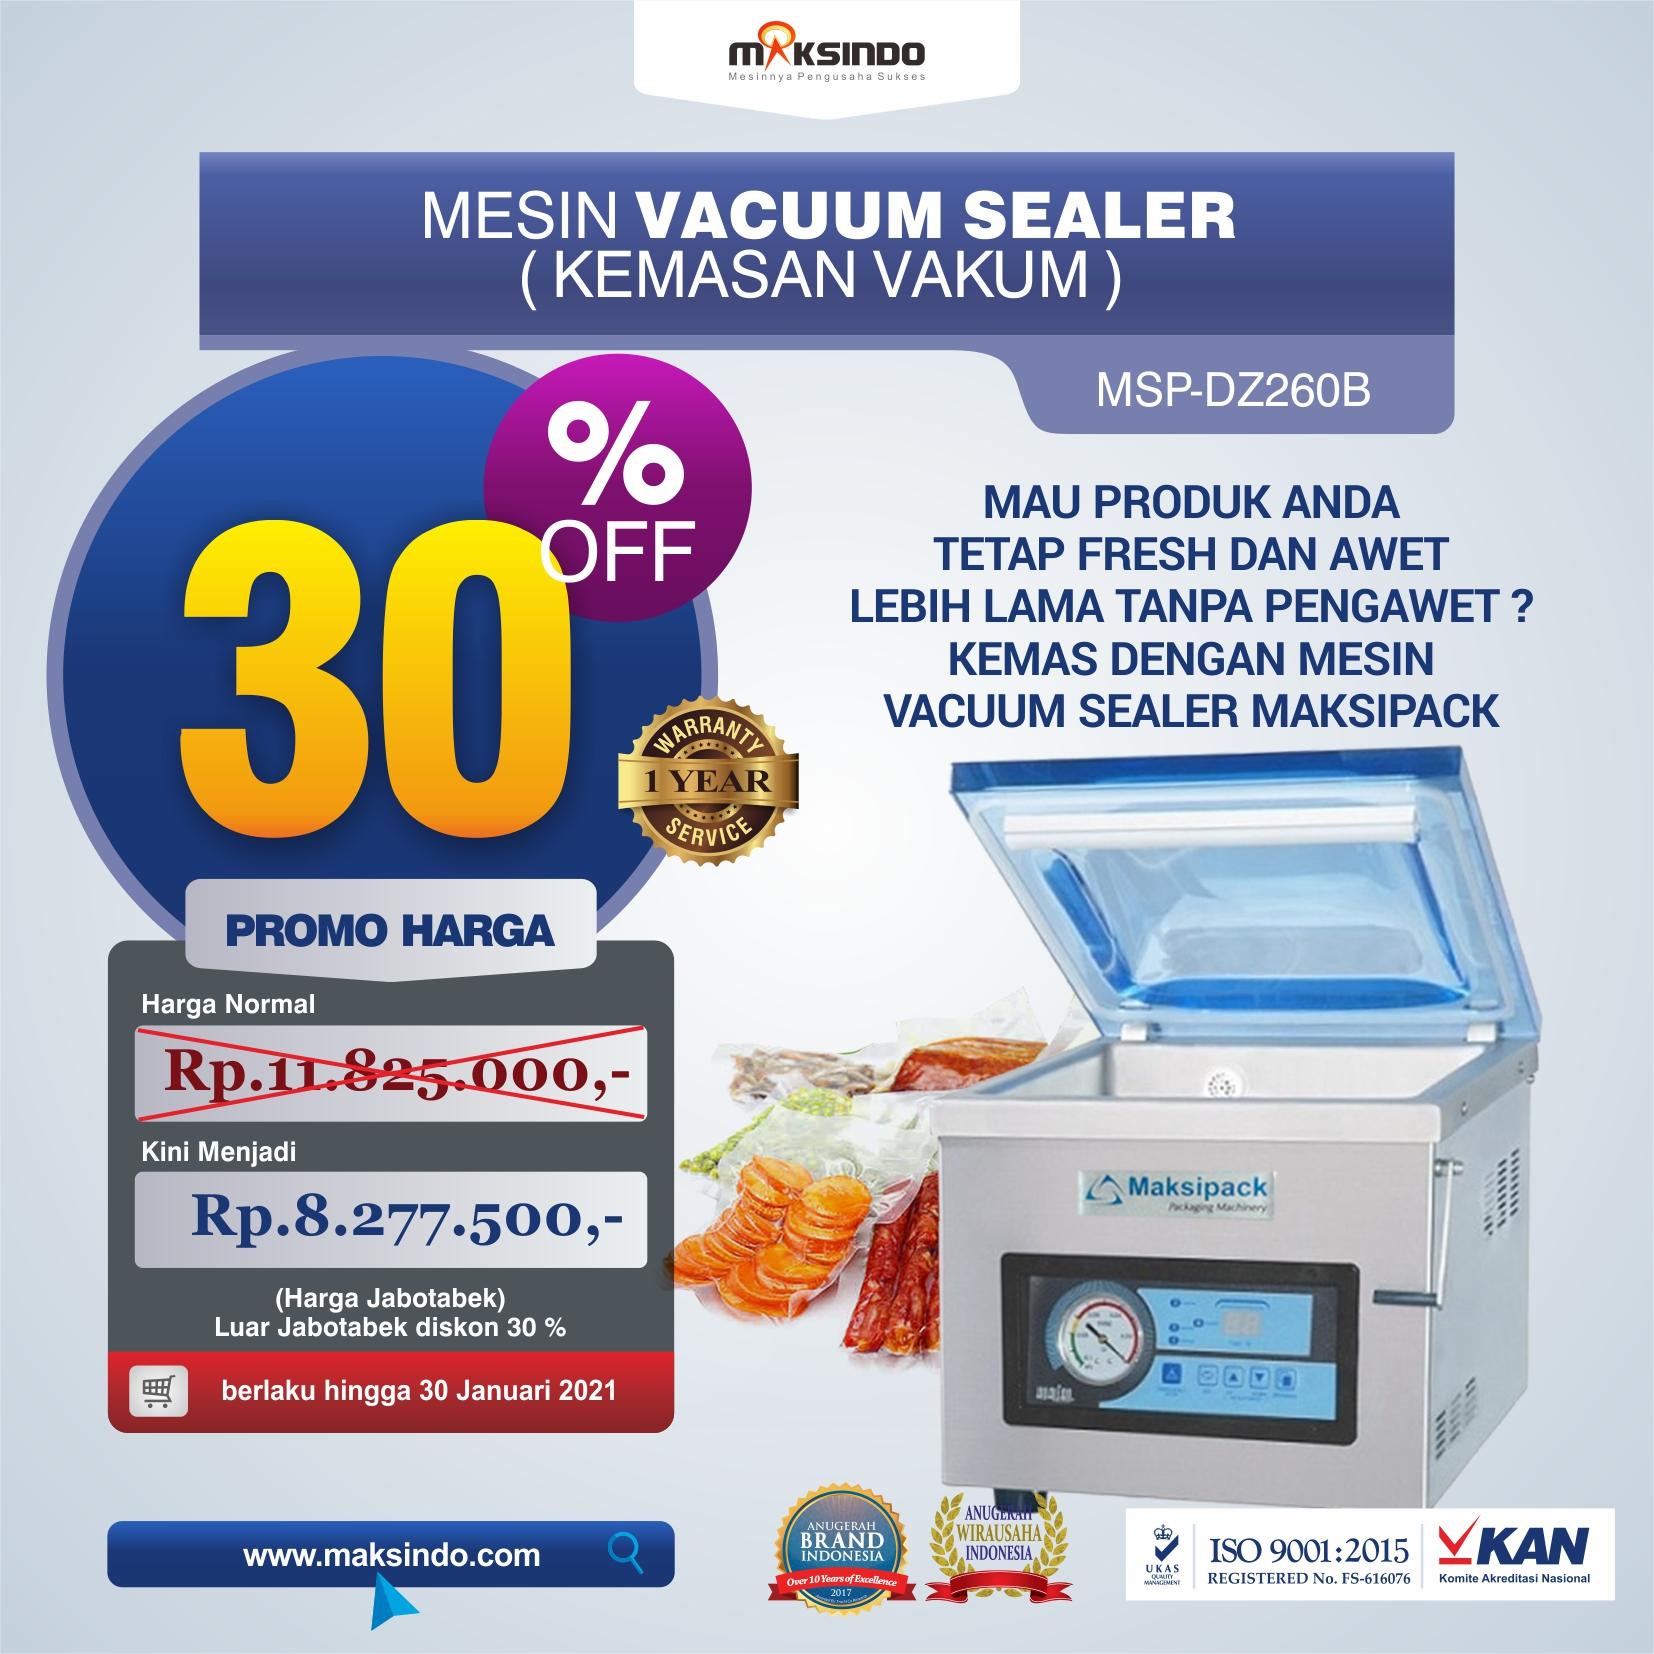 Jual Mesin Vacuum Sealer Singgle Seal MSP-DZ260B di Tangerang